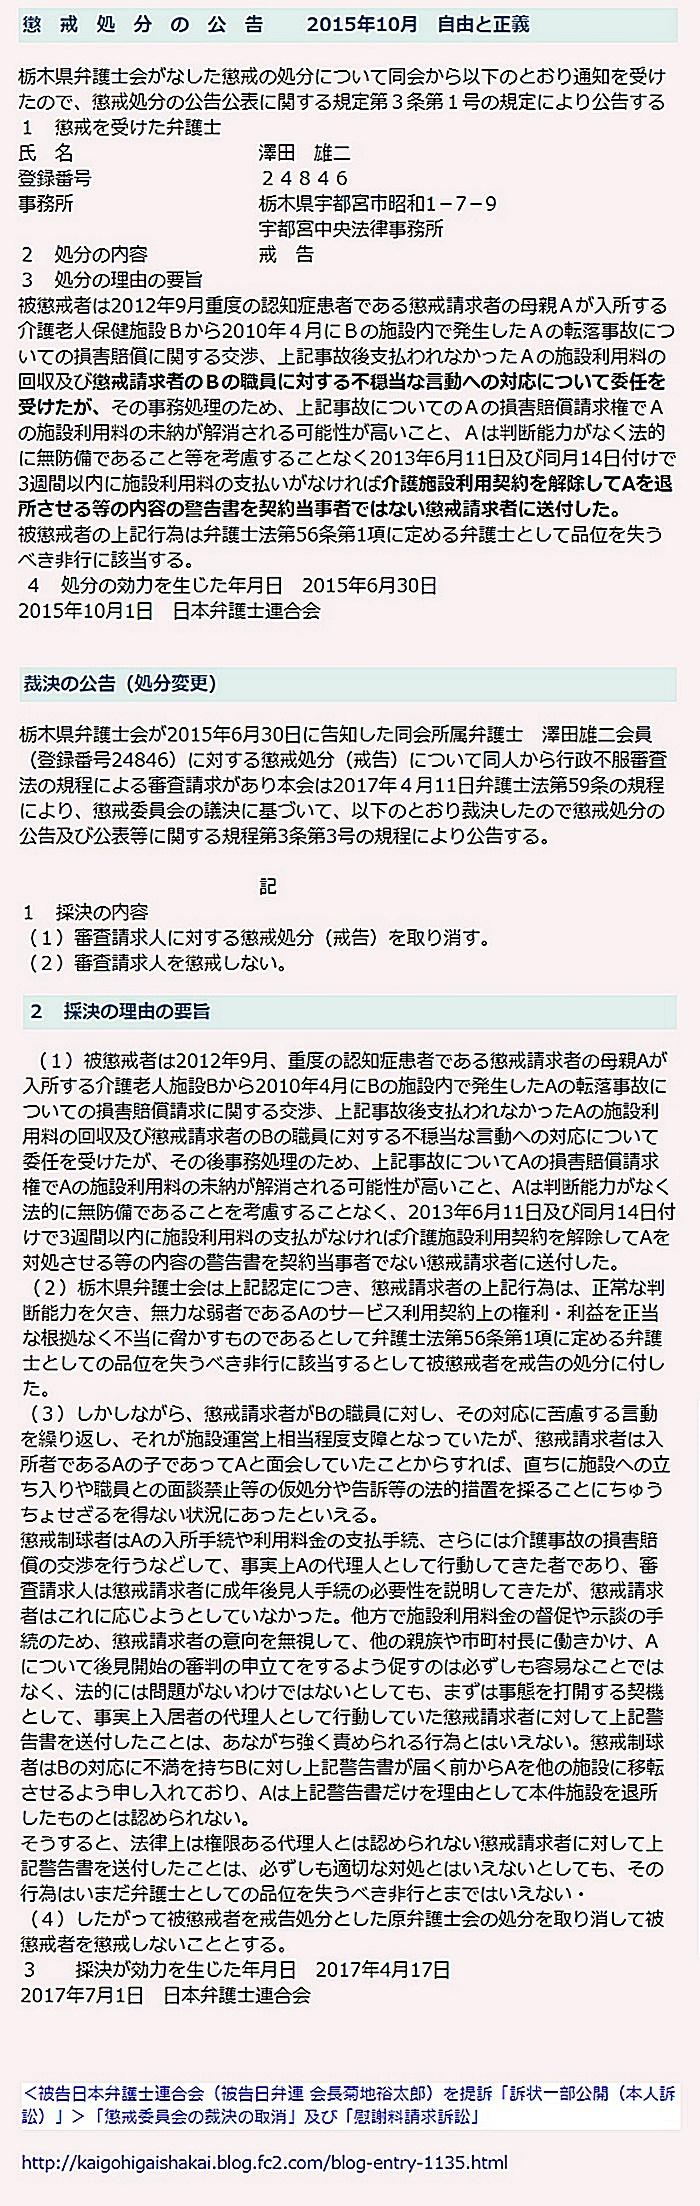 被告日弁連 被告日本弁護士連合会 被告澤田雄二弁護士 菊池裕太郎 中本和洋 増田嘉一郎(懲戒委員長 )1